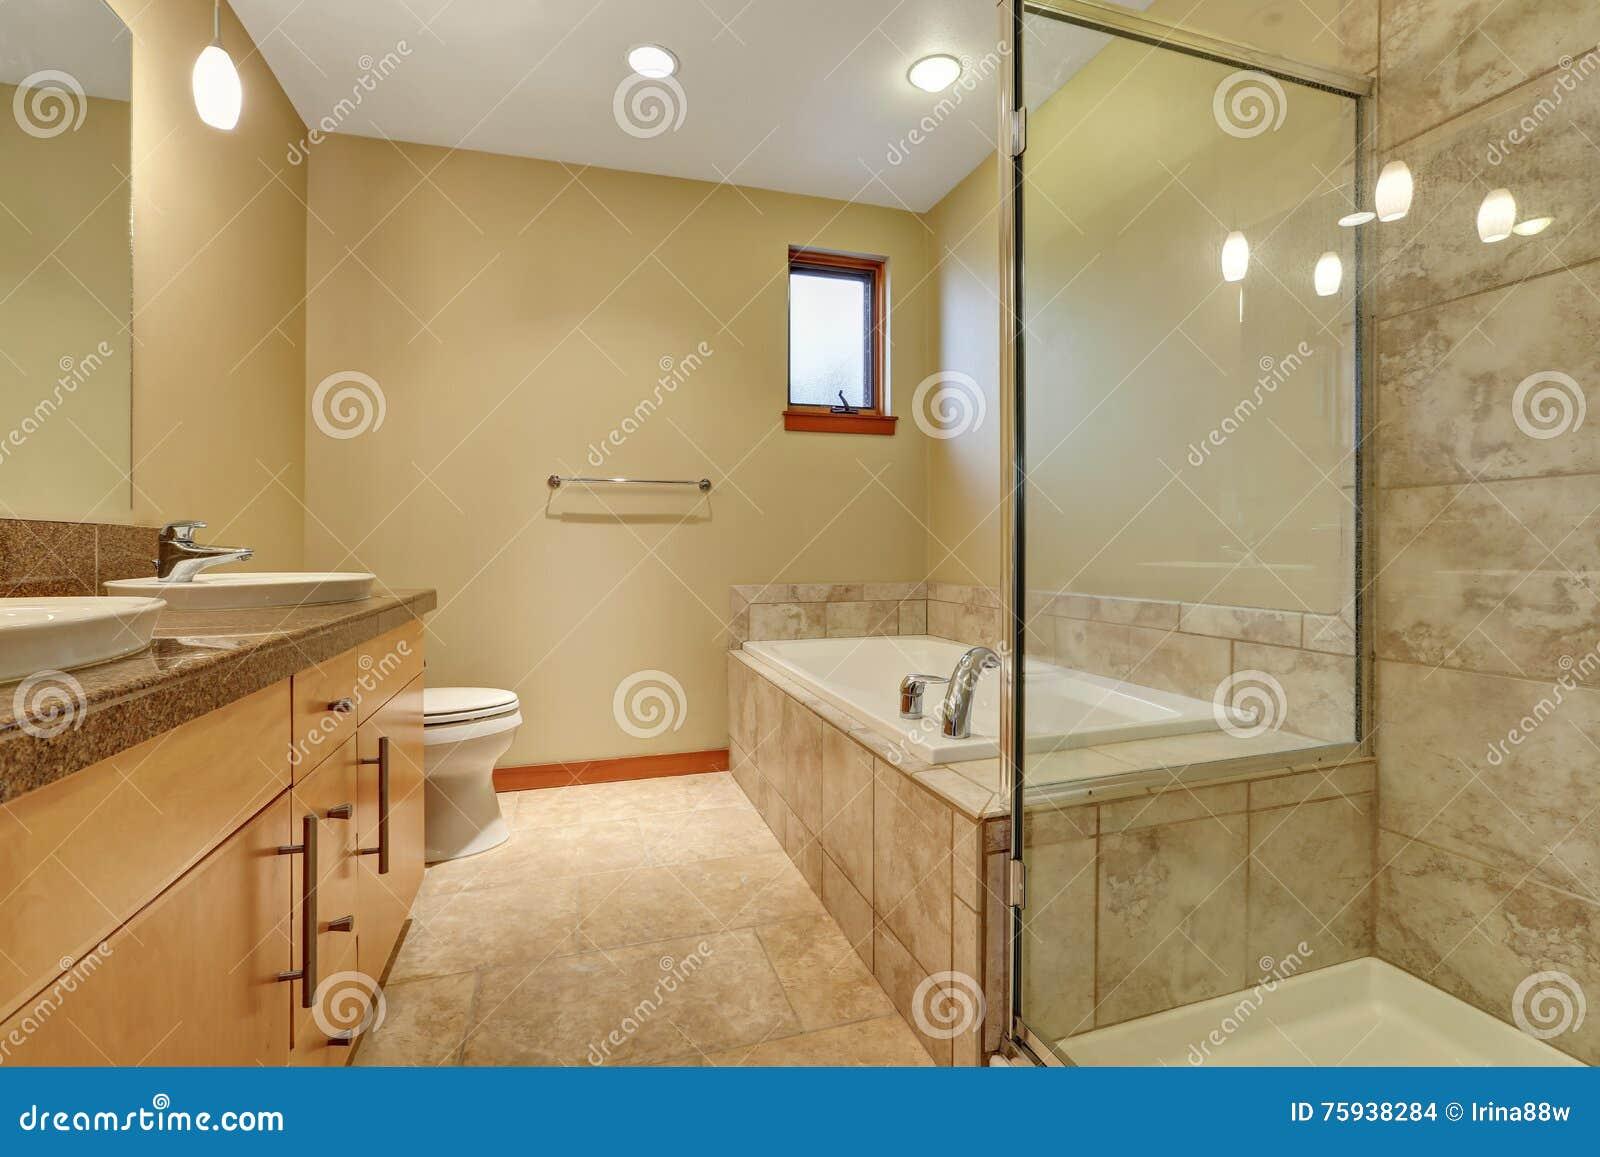 Ripiano bagno finest tougmoo sala da bagno in ottone antico ripiano bagno ripiano con tazza di - Tazza del bagno ...